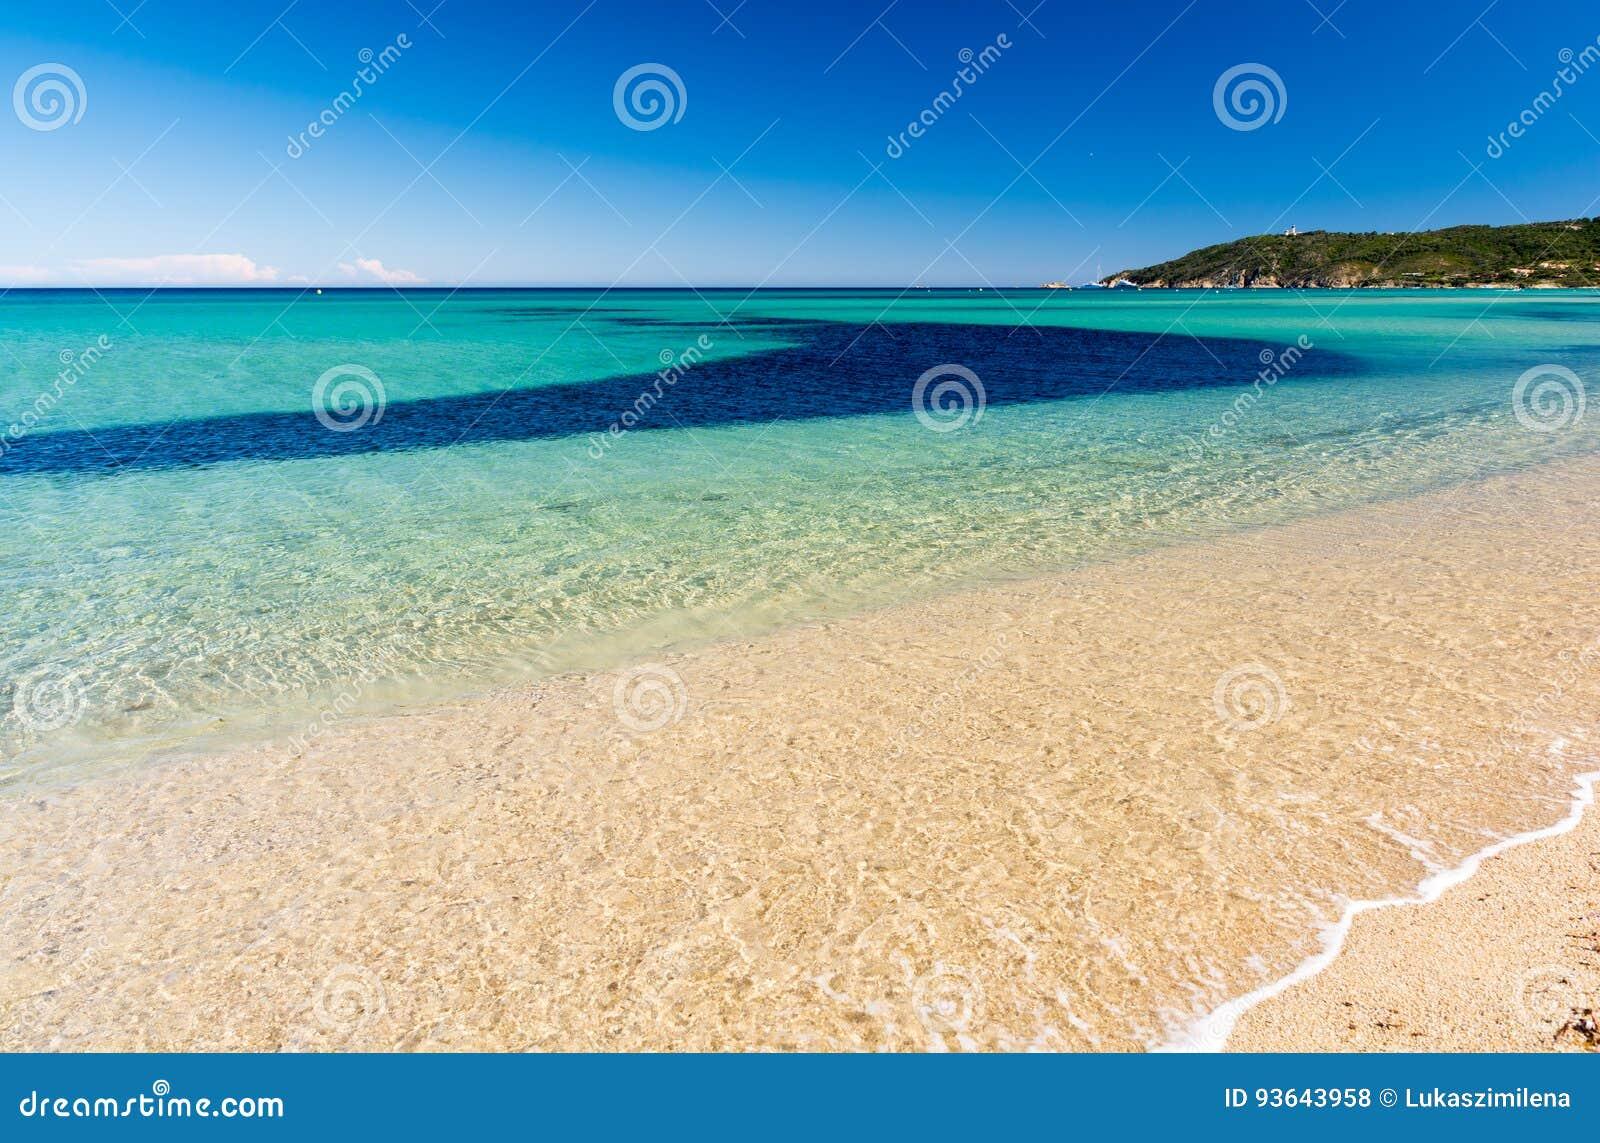 Кристл - чистая вода на пляже Pampelonne около St Tropez в южной Франции